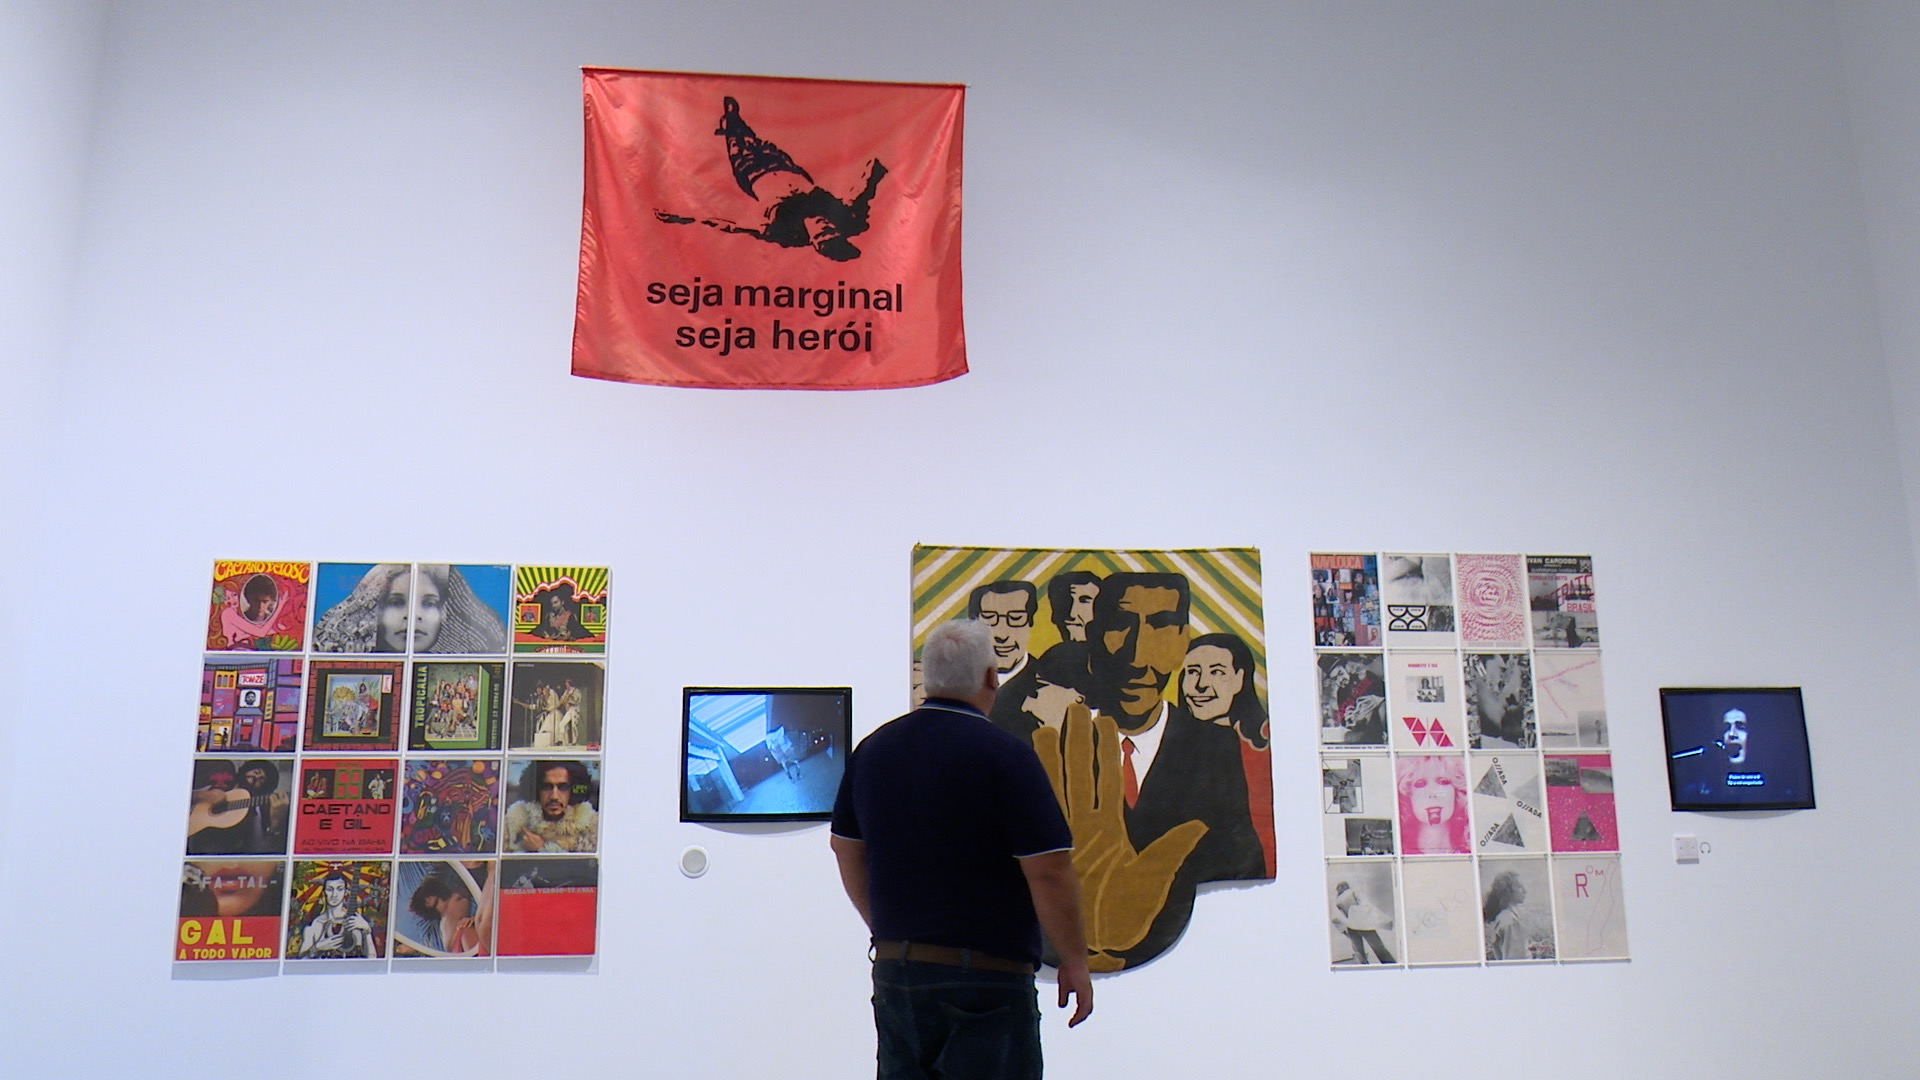 """Imagen del segundo episodio de la reordenación de la Colección del Museo Reina Sofía, titulado """"Los enemigos de la poesía. Resistencias en América Latina""""."""